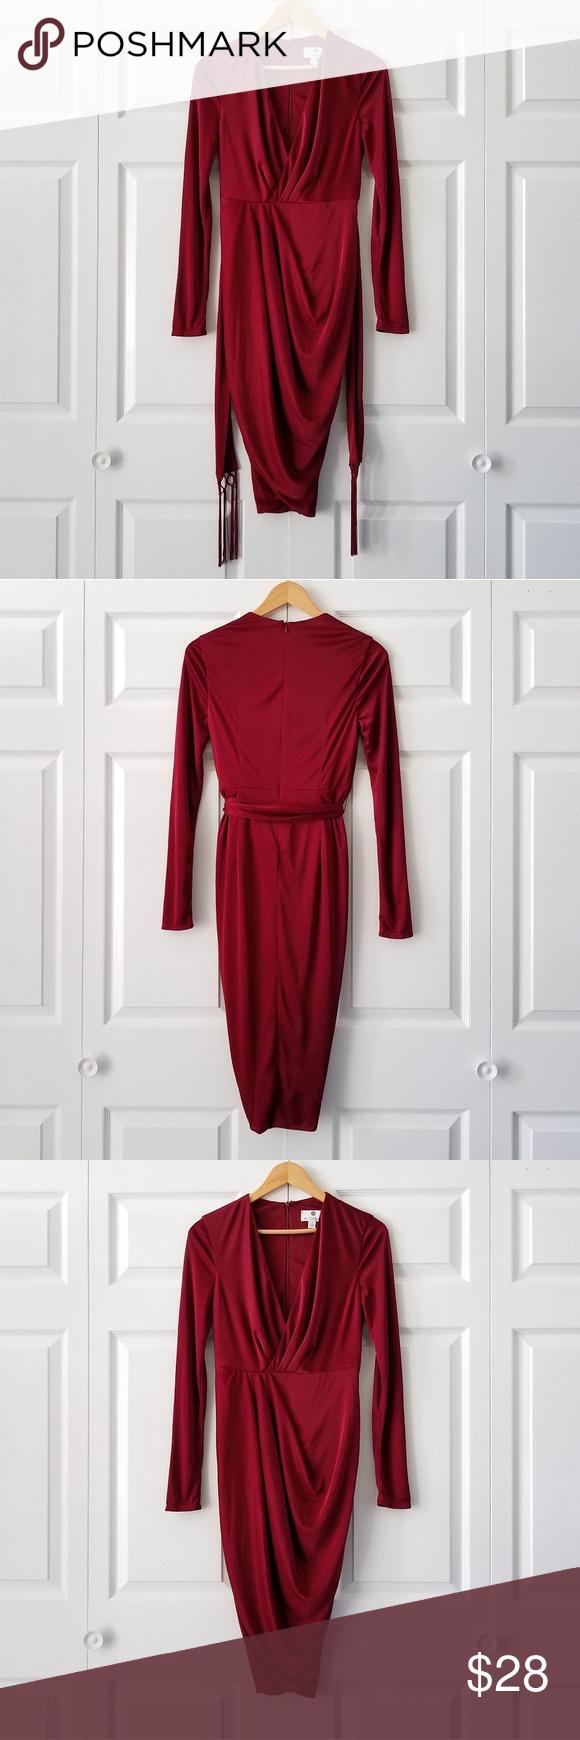 Altuzarra For Target Red Wrap Dress Nwot 4 Red Wrap Dress Red Long Sleeve Dress Wrap Dress [ 1740 x 580 Pixel ]